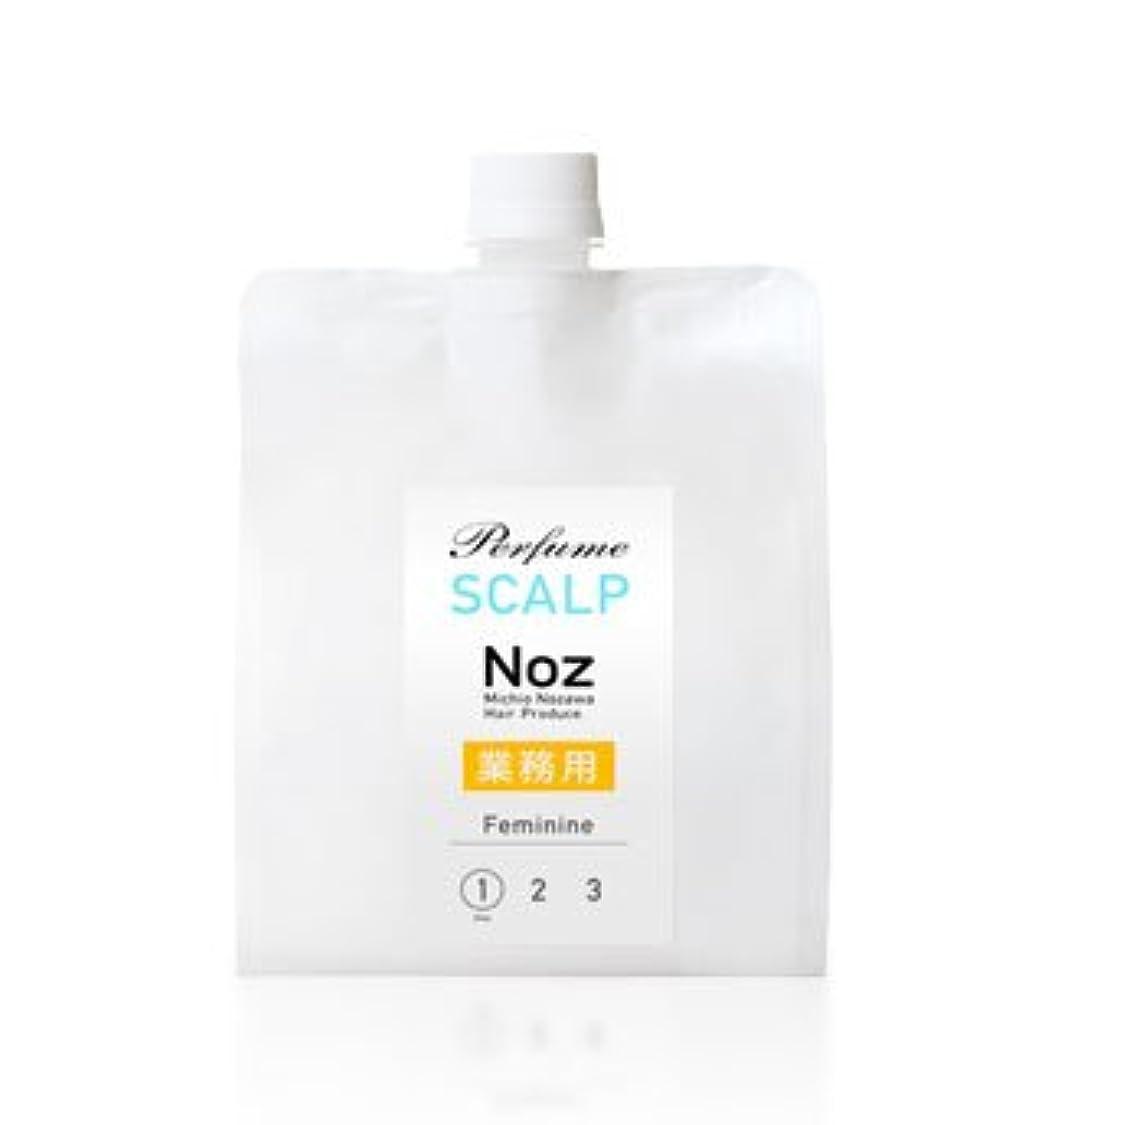 ミトンスカウト評価するNoz ノズ スカルプ シャンプー (フェミニン) 業務用パウチ